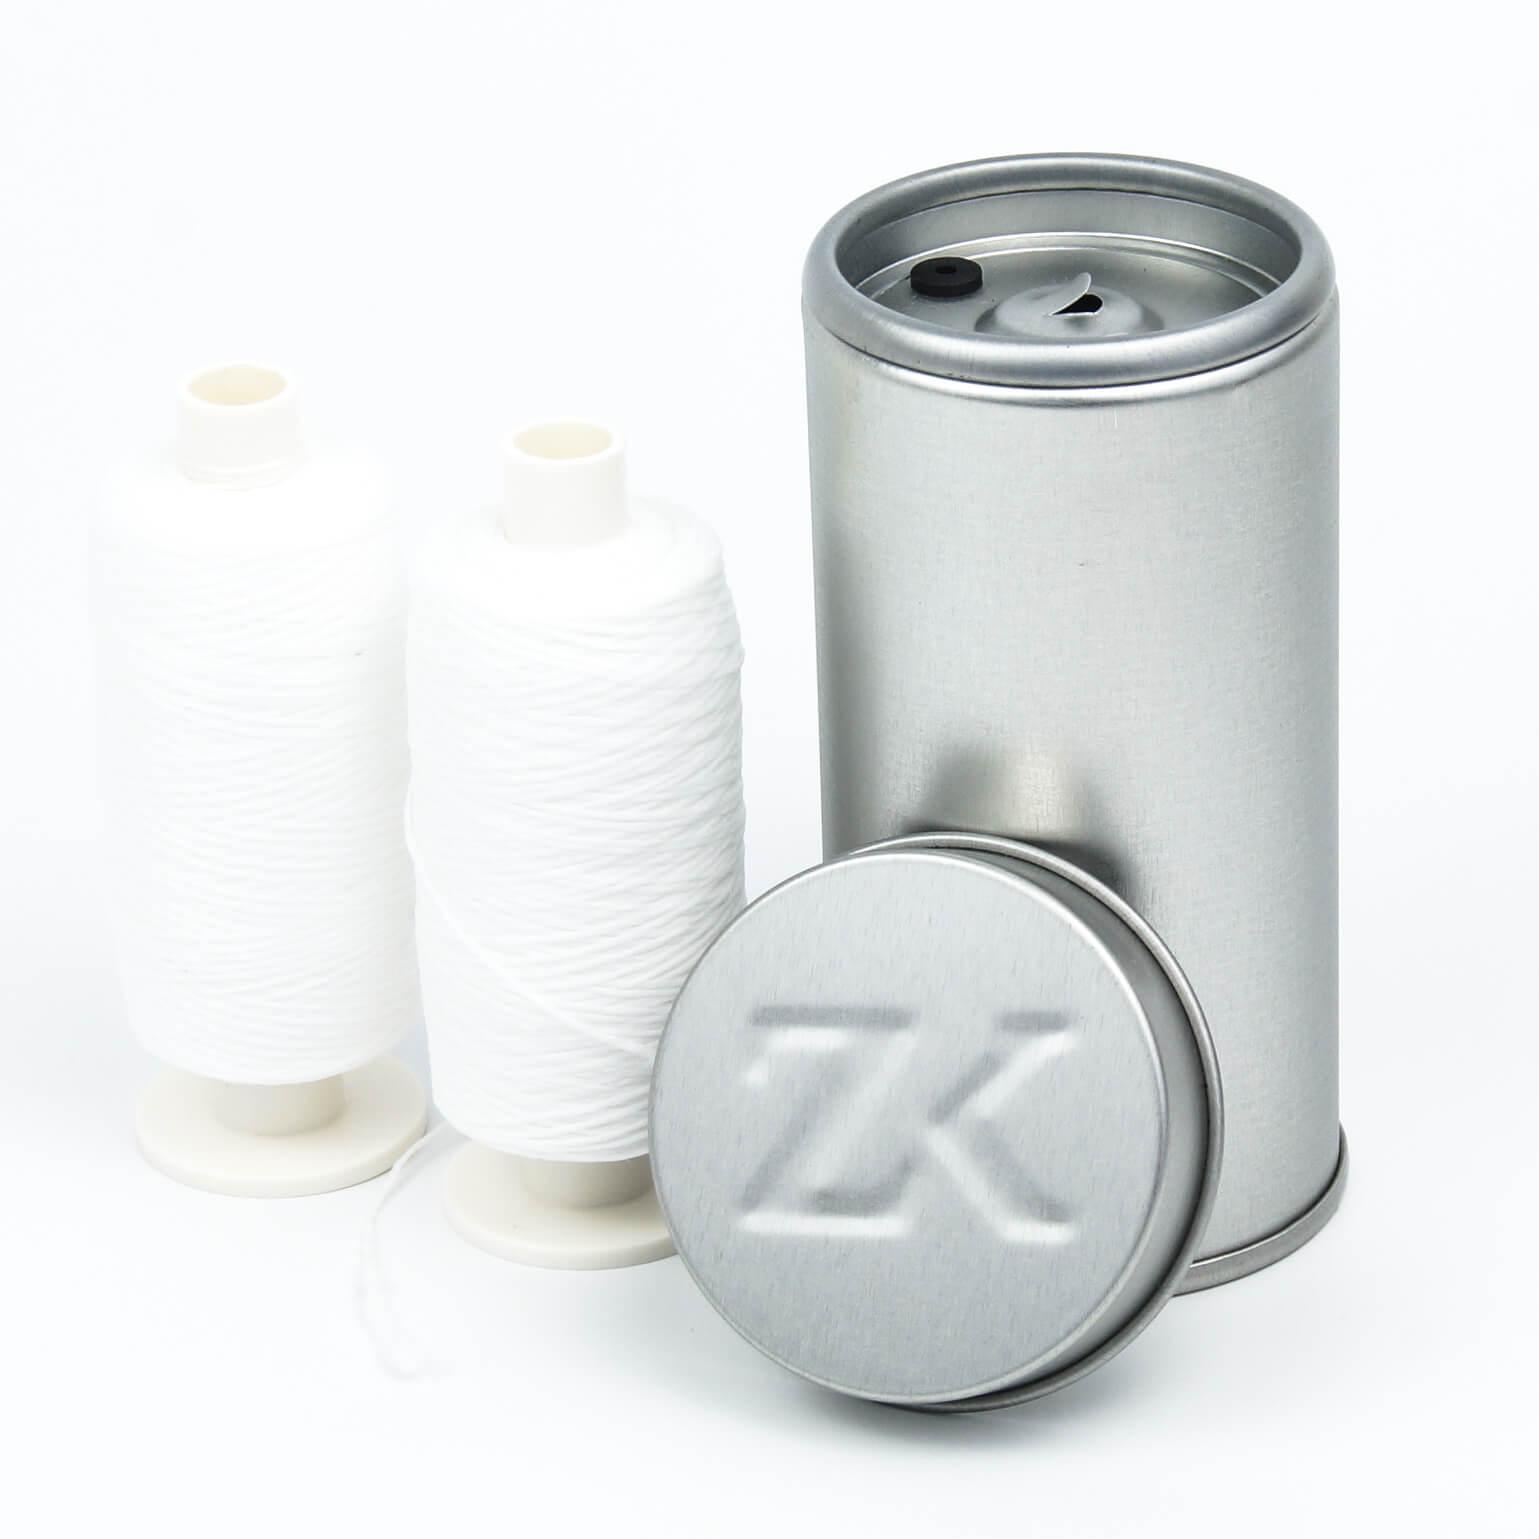 2 x 250 m Flauschige Expanding Premium Zahnseide gewachst mit grauer Dose